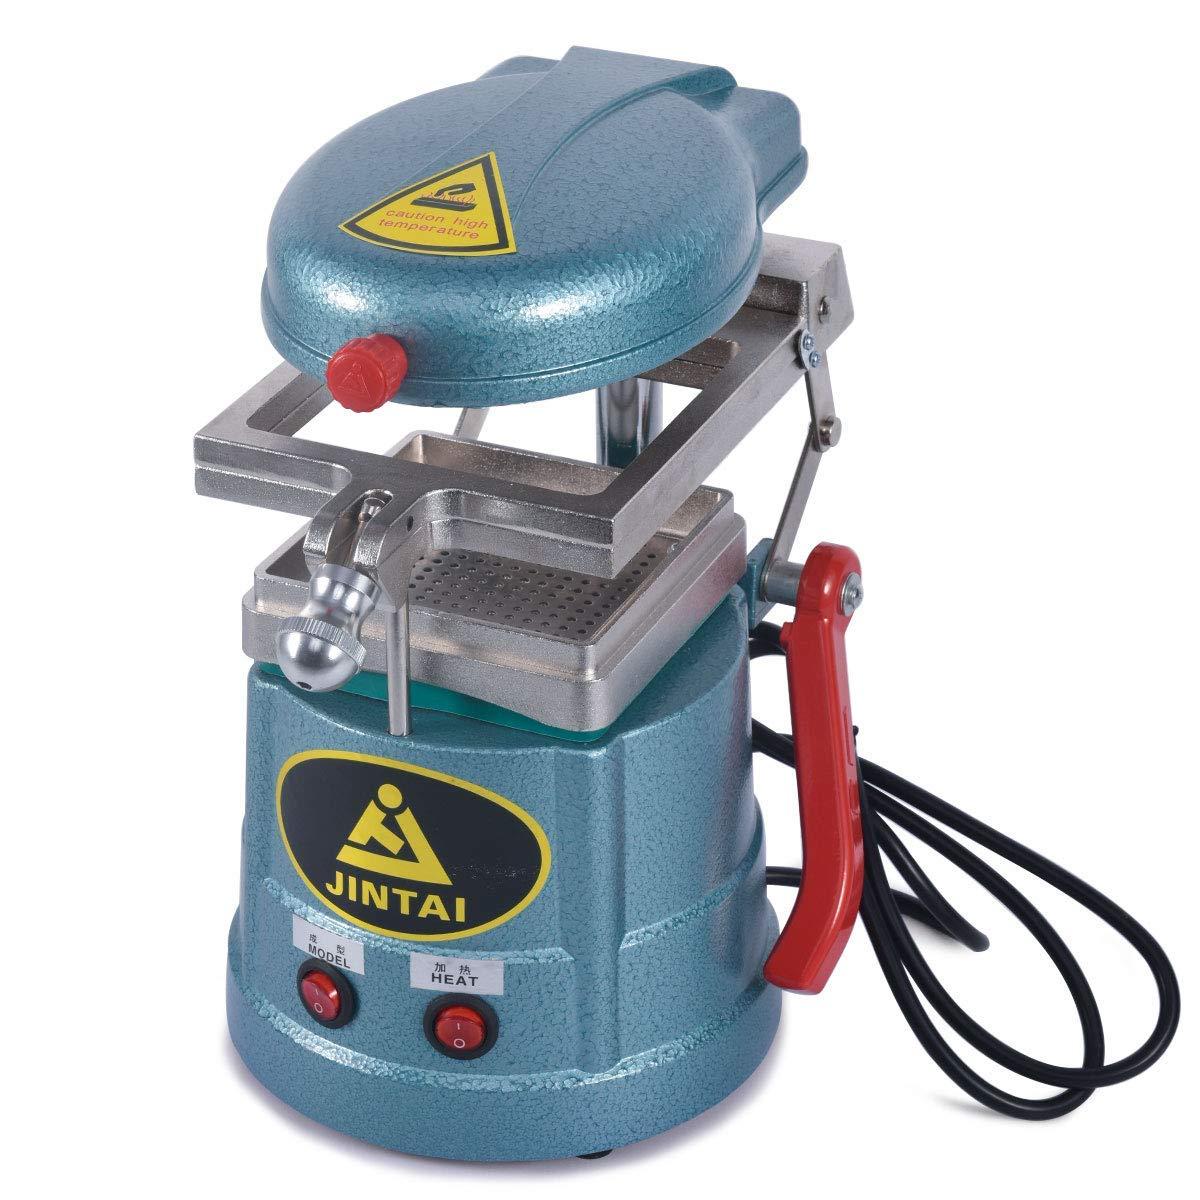 Ocean Aquarius Vacuum Forming Molding Machine JT-18 110V